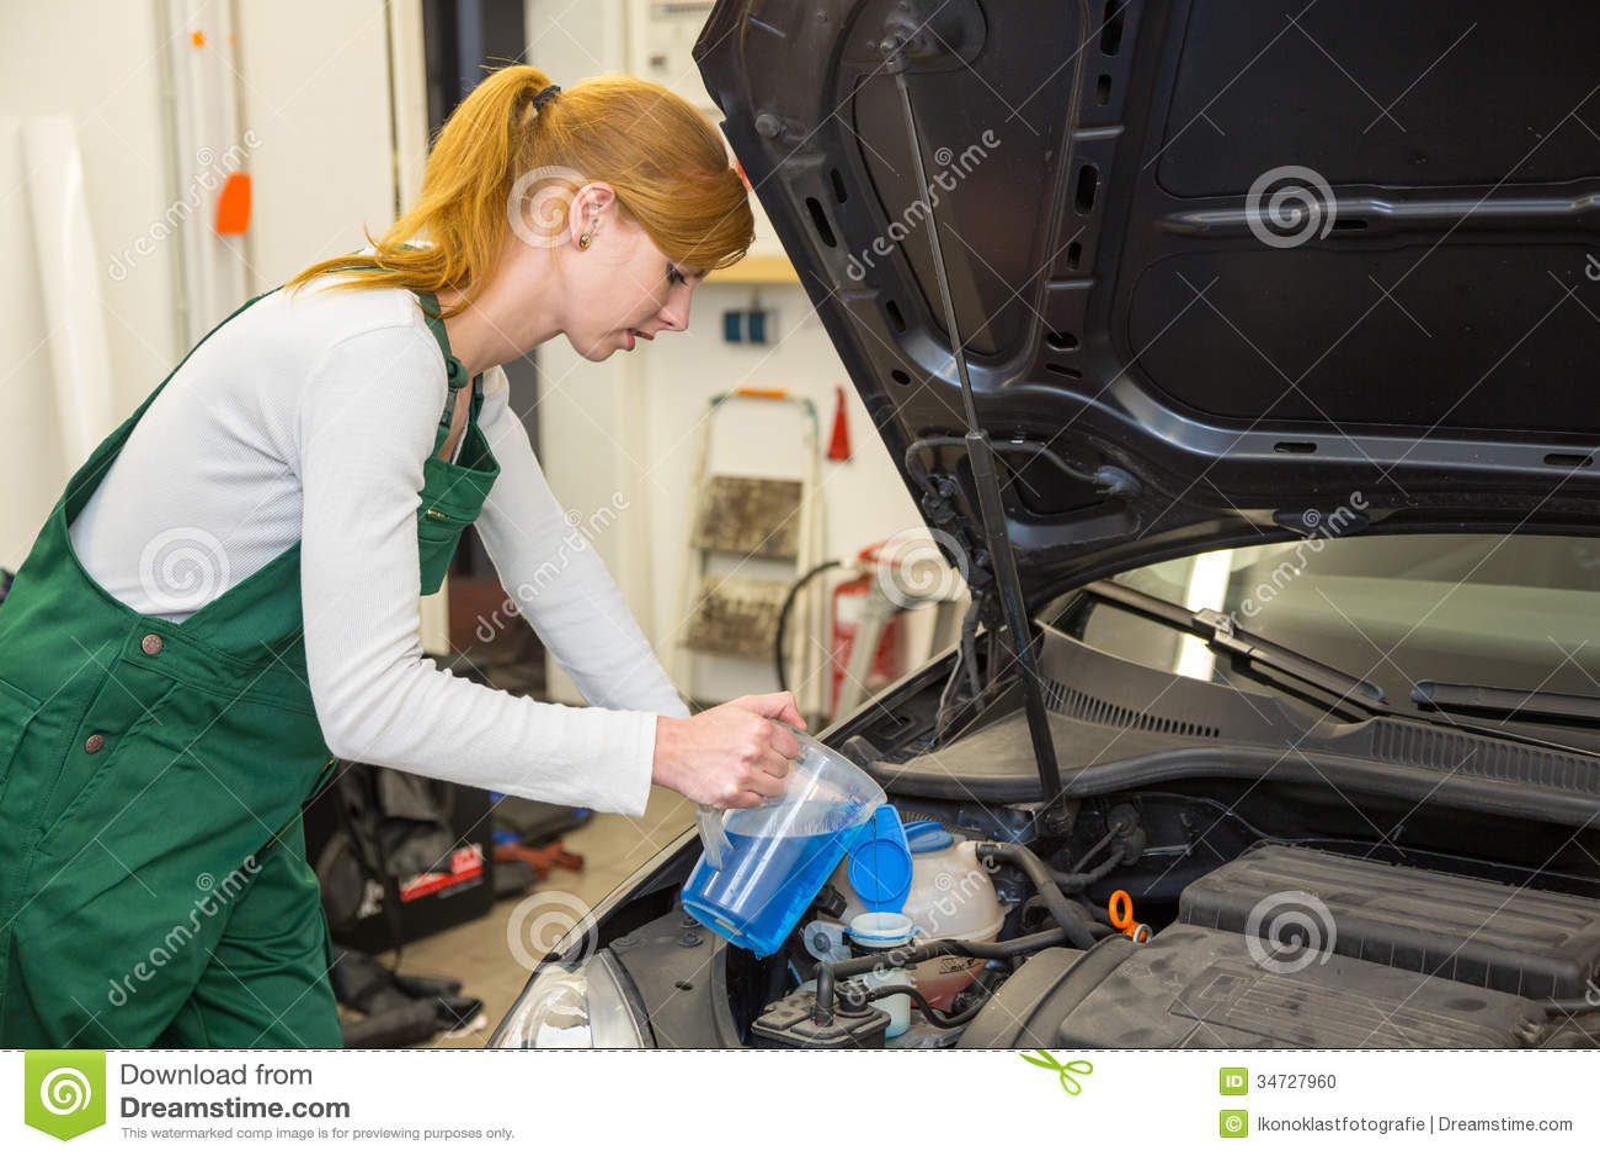 Il meccanico femminile riempie il liquido refrigerante o il liquido di raffreddamento in motore di un automobile